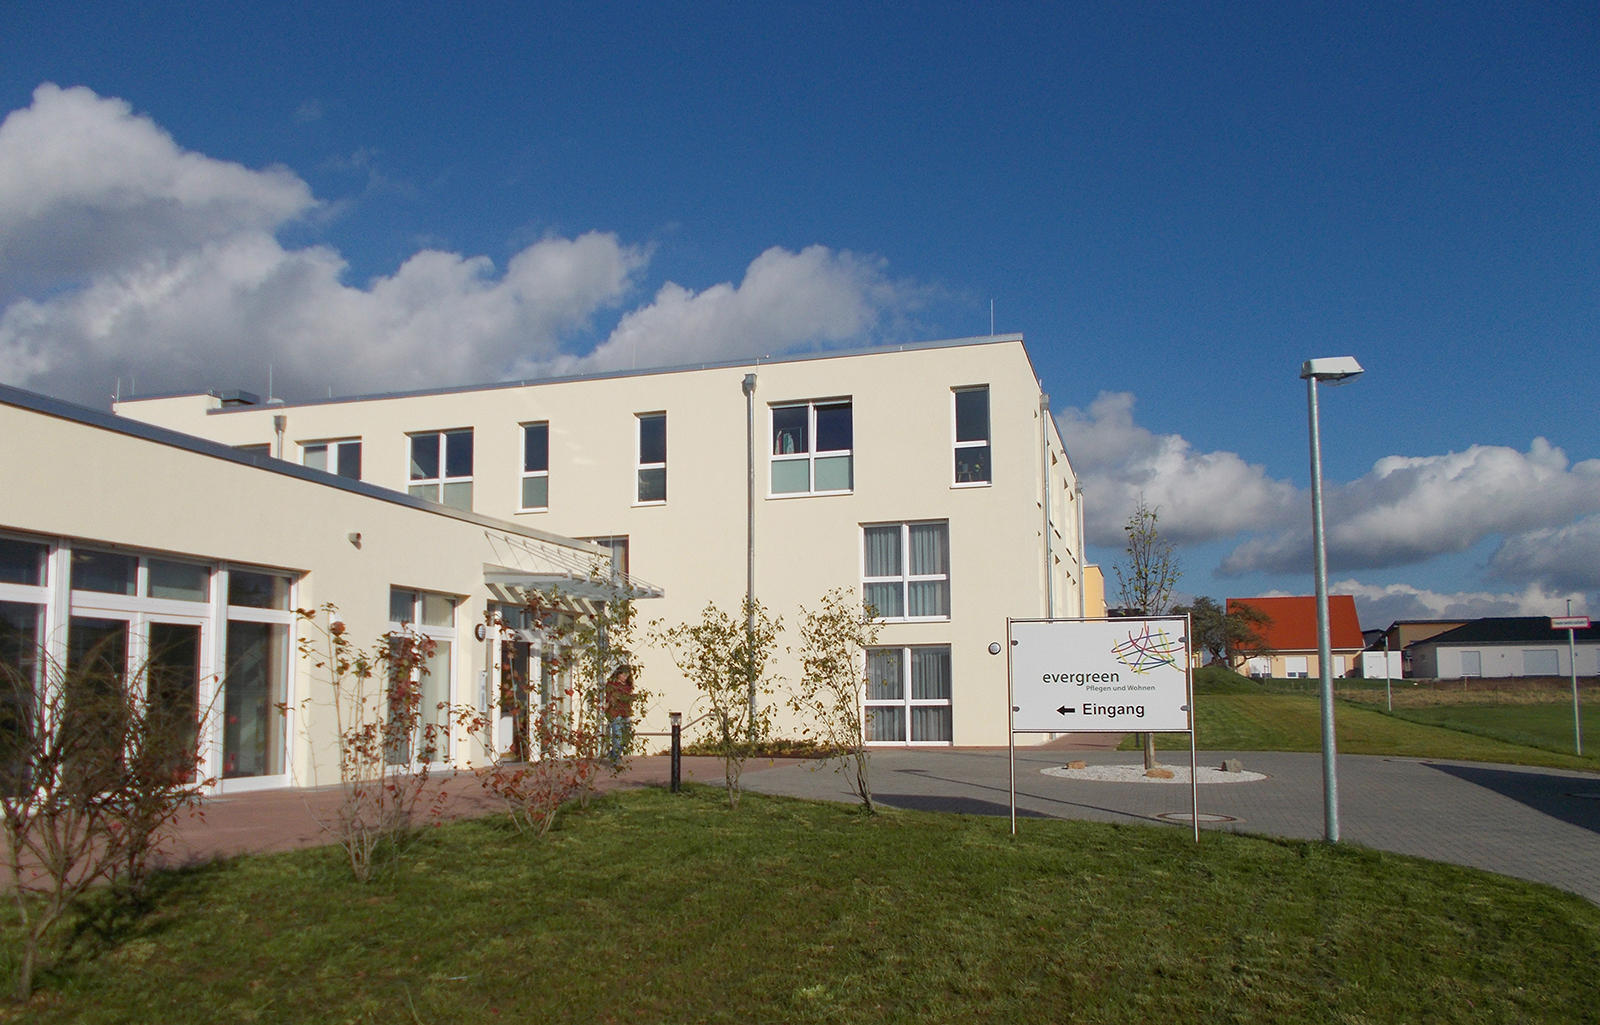 Zentrum für Betreuung und Pflege am Eifelsteig Landscheid